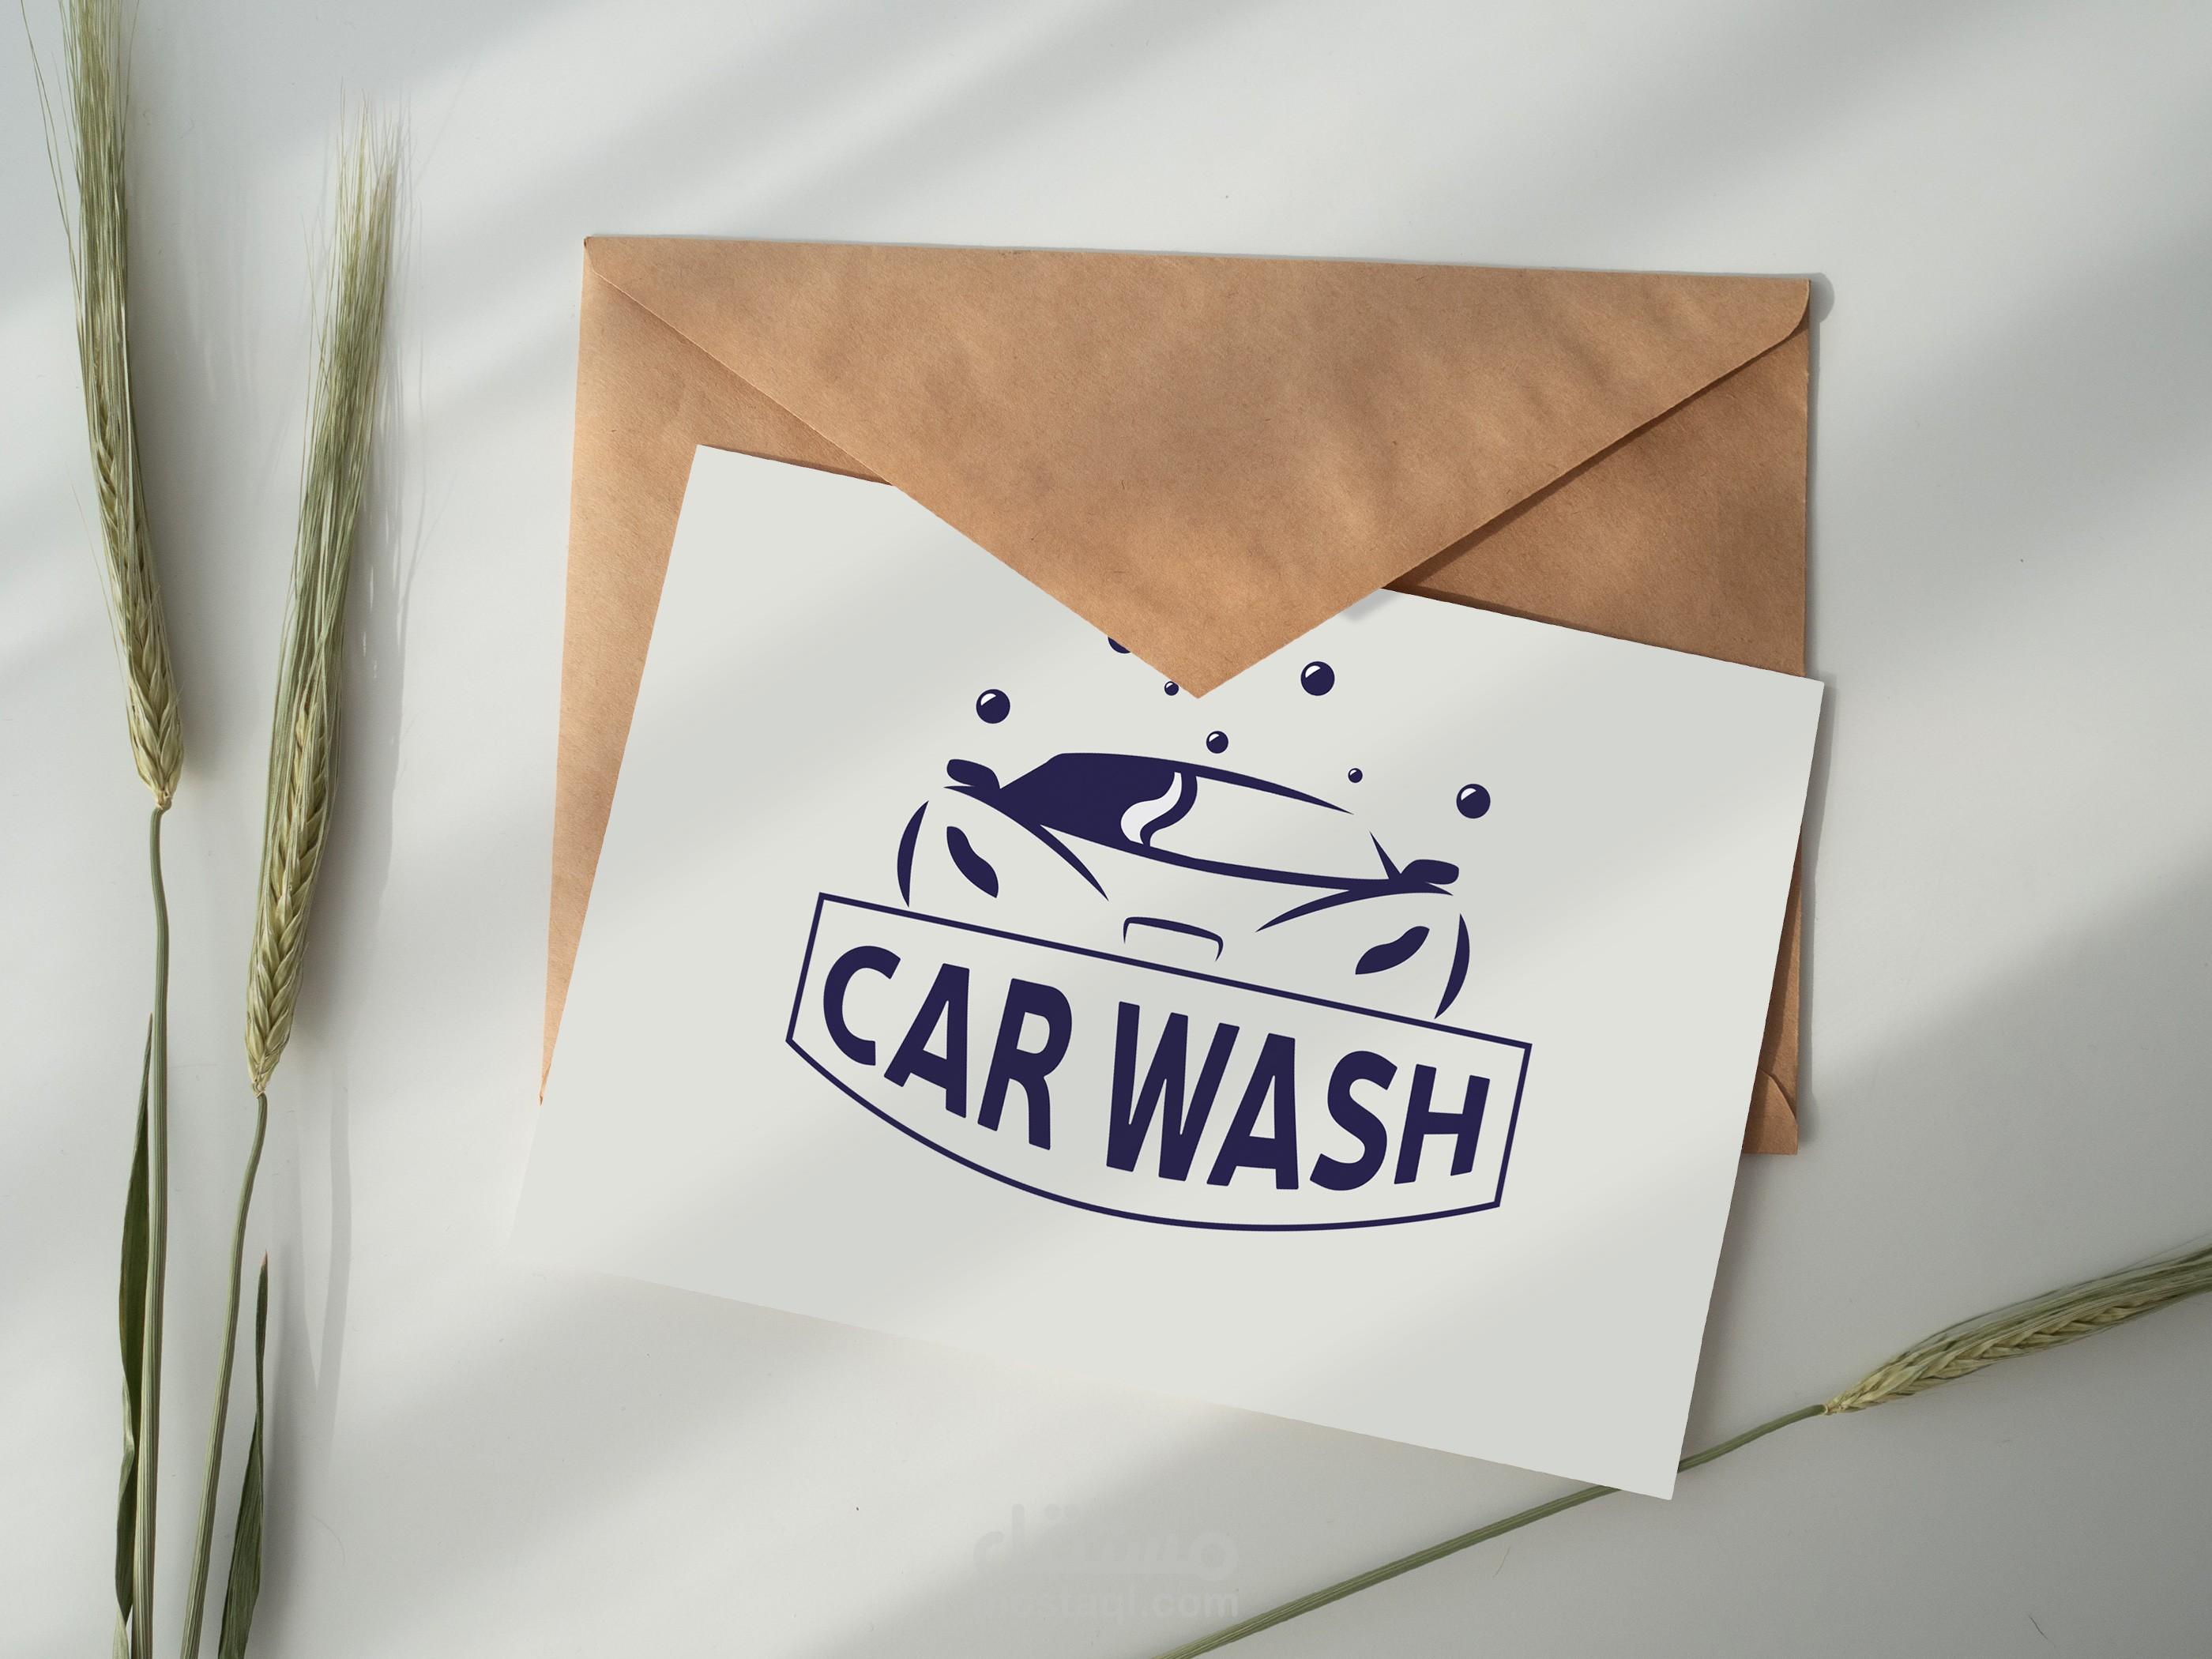 شعار car wash لمغسلة سيارات